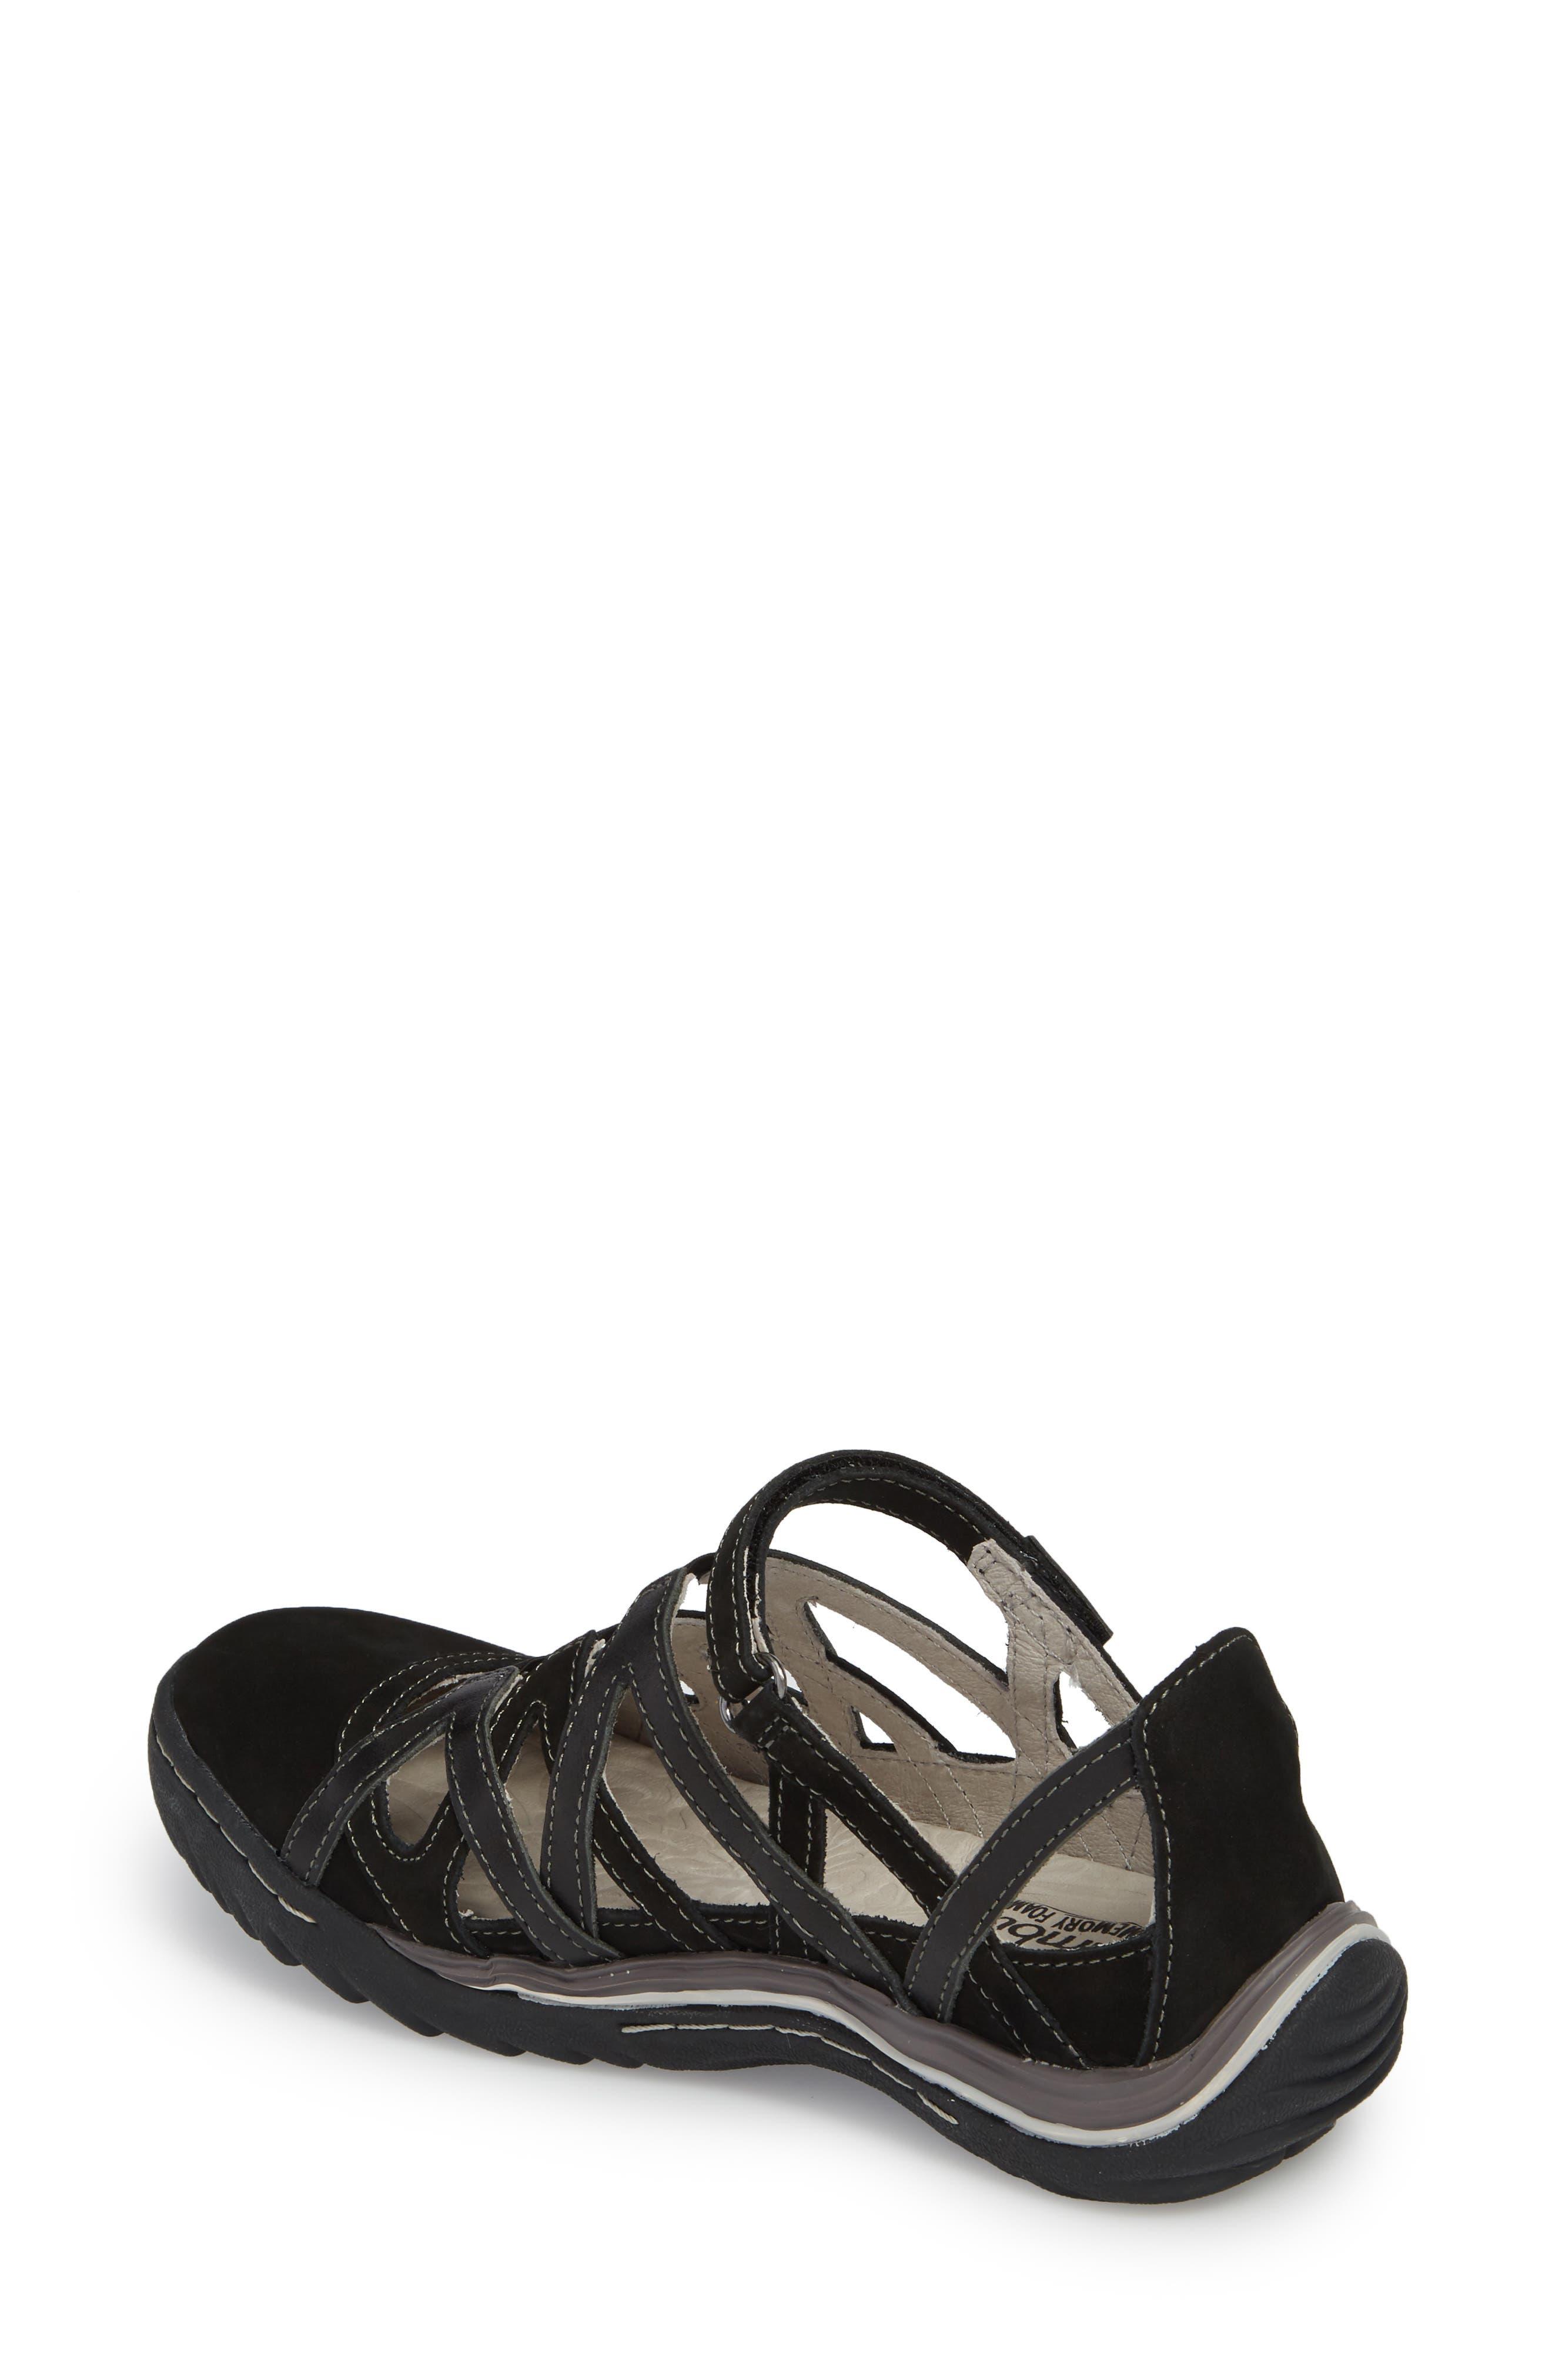 c9df17798d3d Women s Jambu Shoes